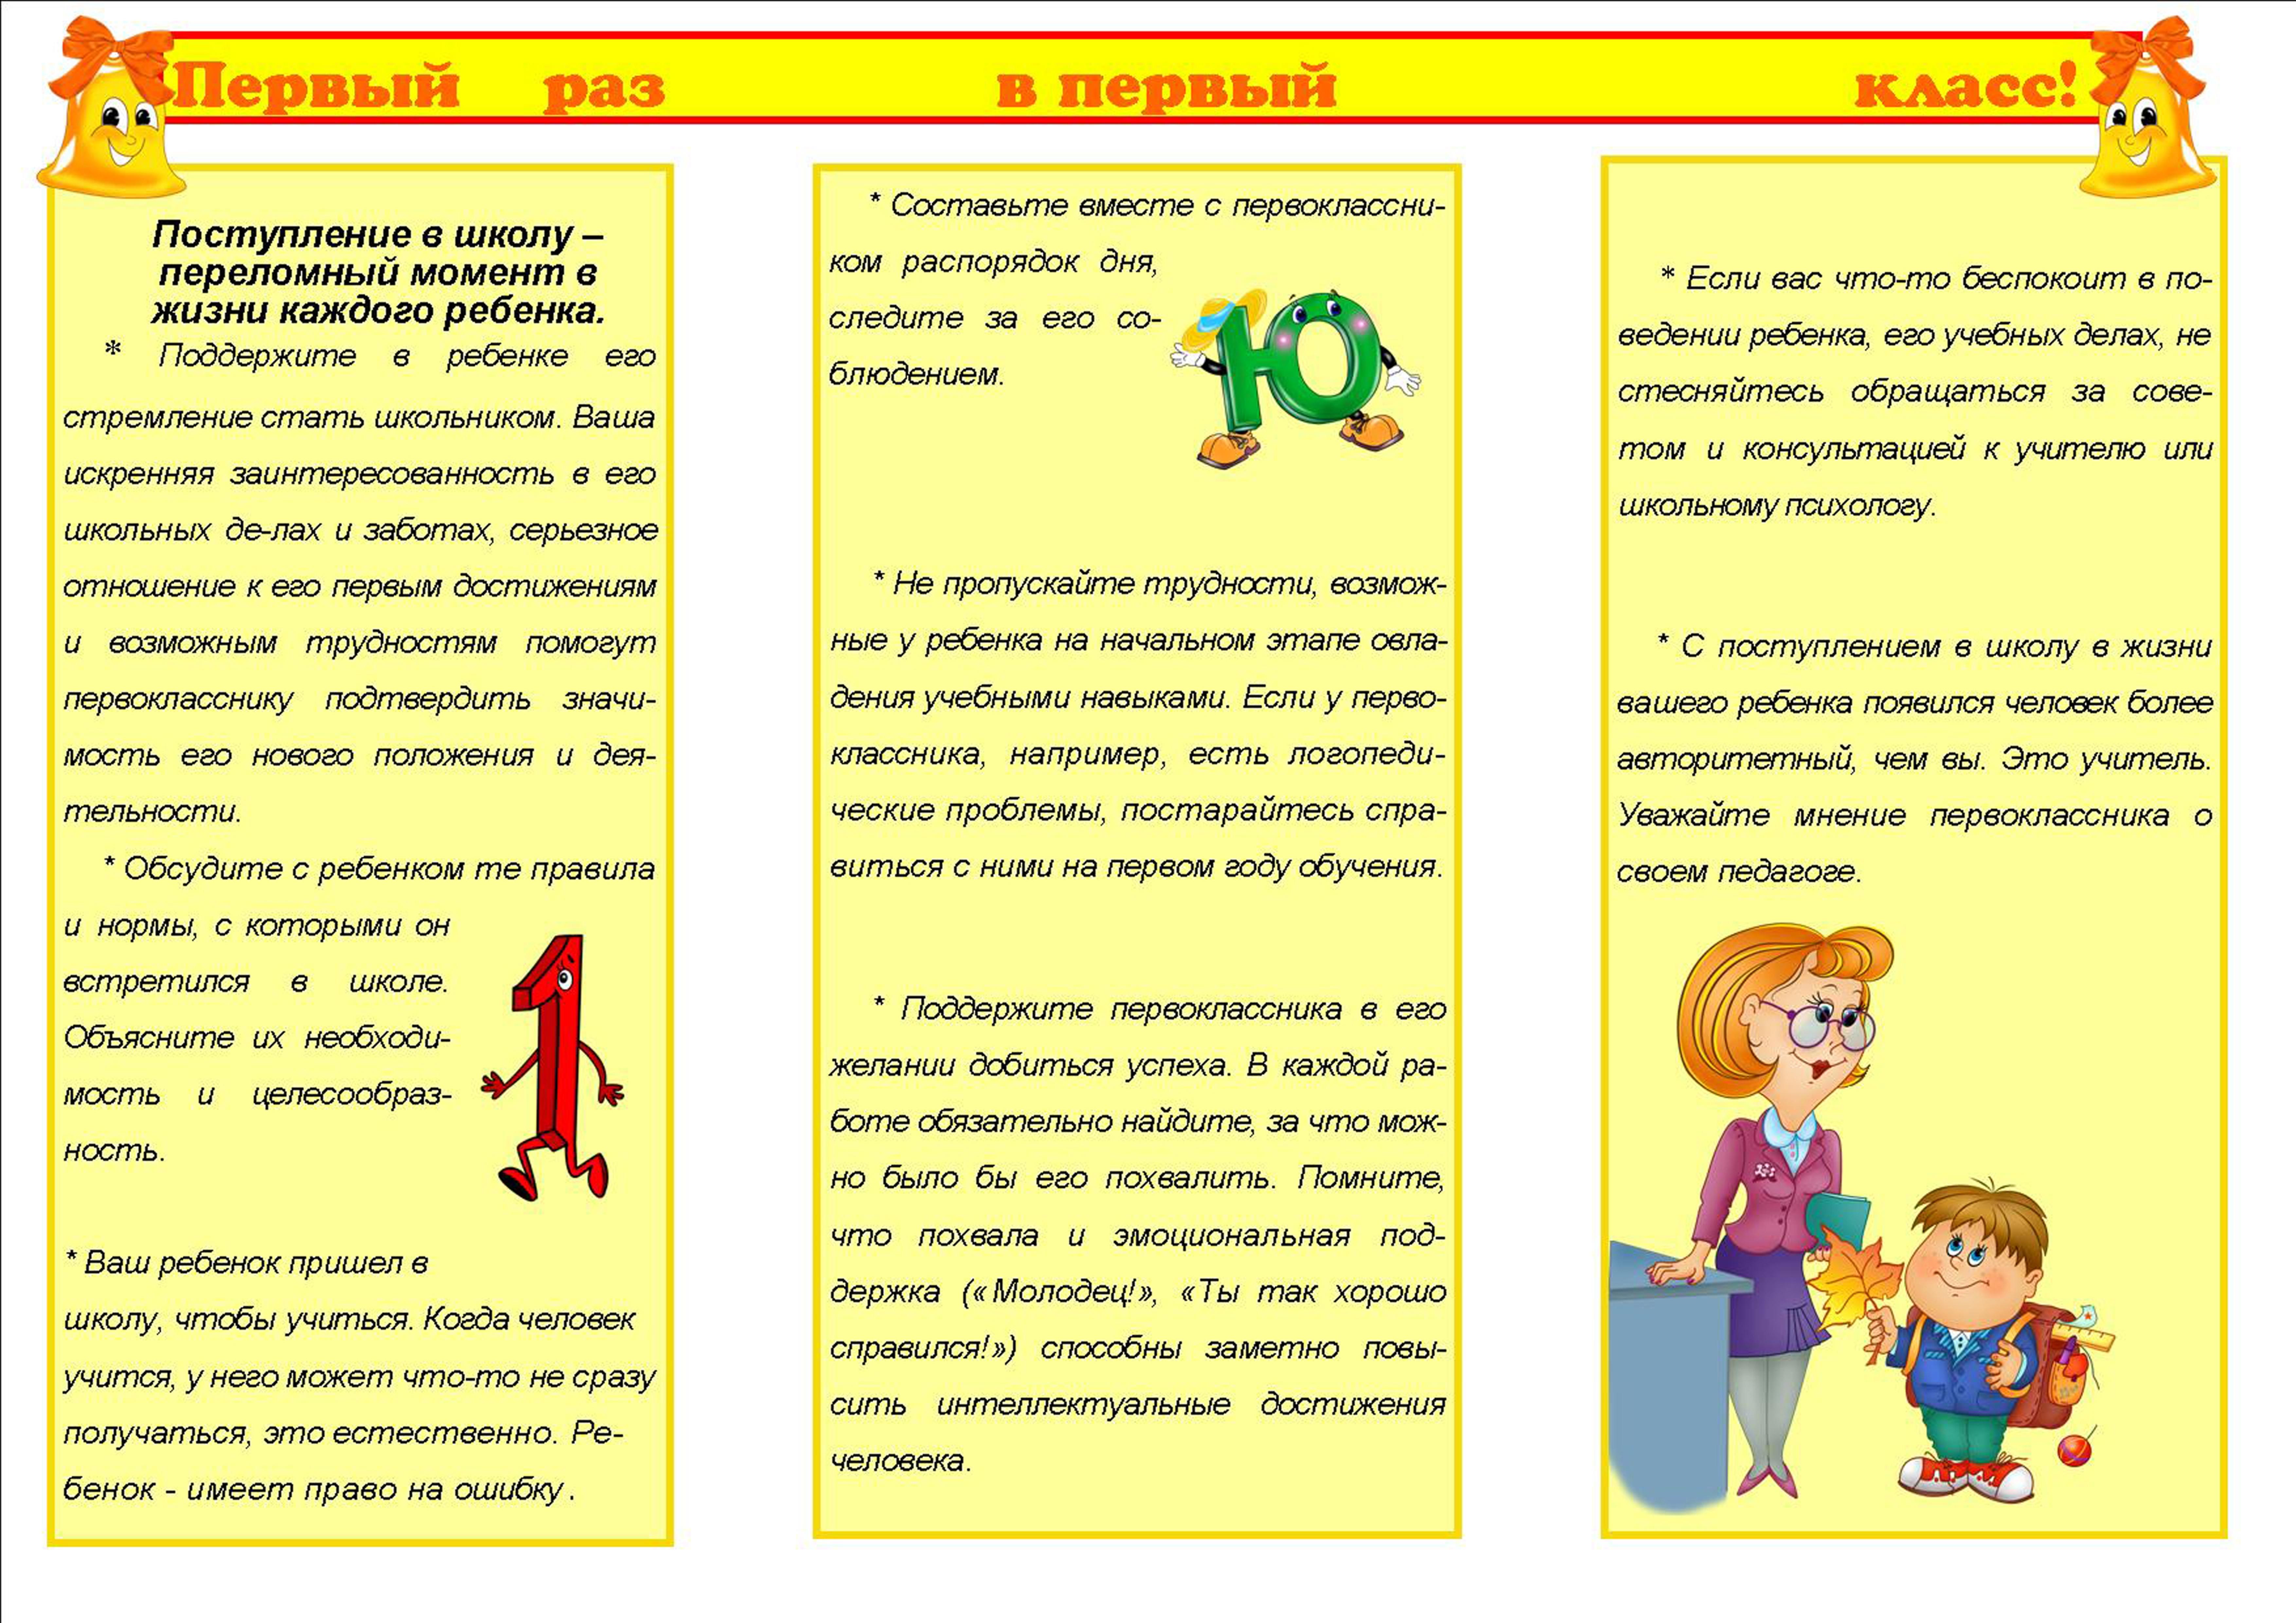 буклет для родителей здоровое питание